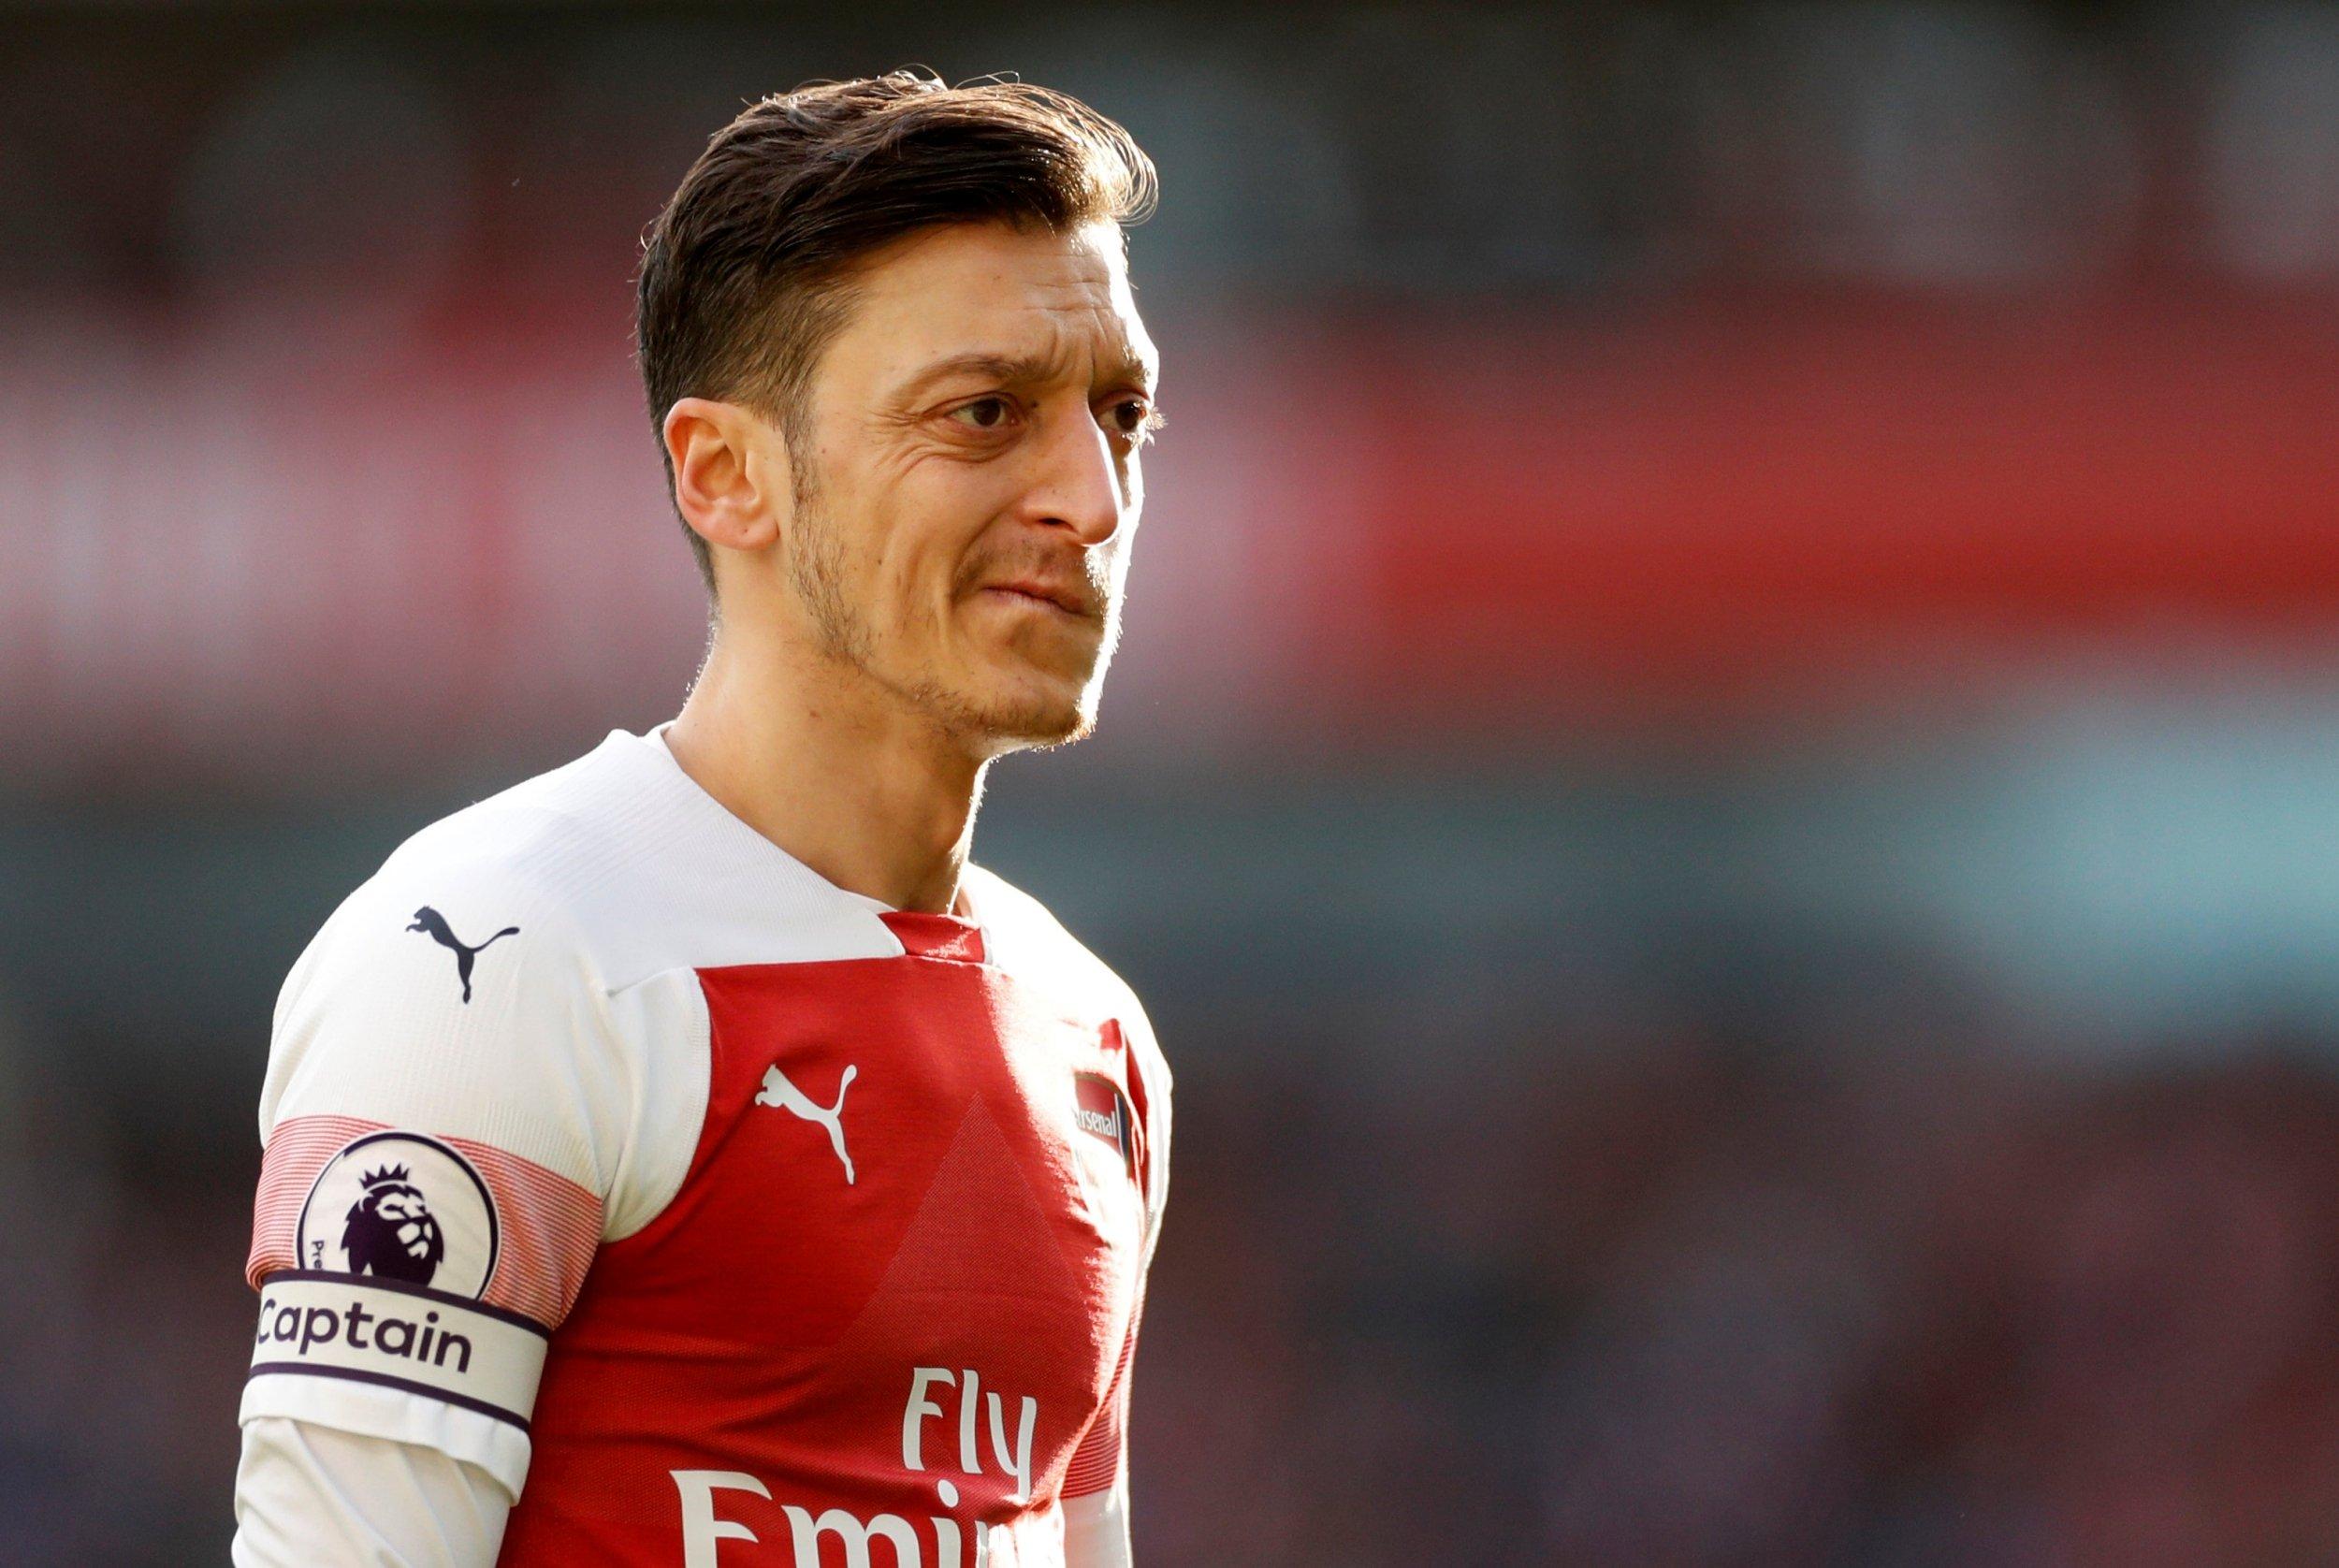 Unai Emery đang giết Arsenal bằng sự bảo thủ của mình - Bóng Đá